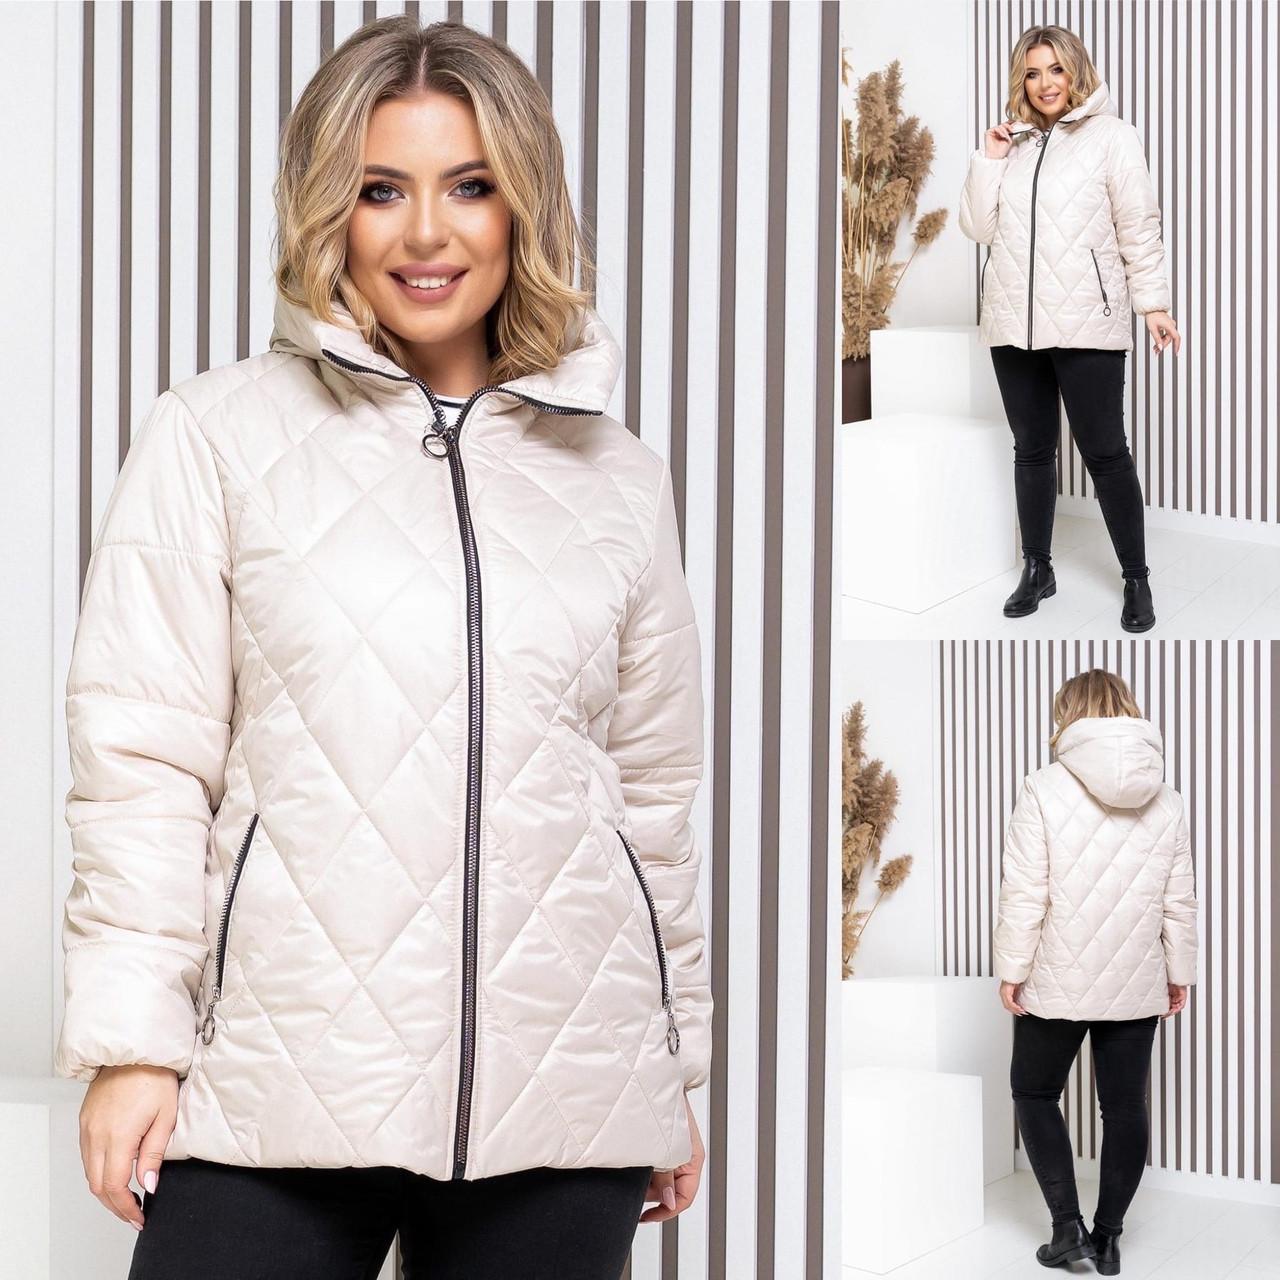 Женская демисезонная куртка плащевка лак+силикон150+подклад полиестер размер: 46-48,50-52,54-56